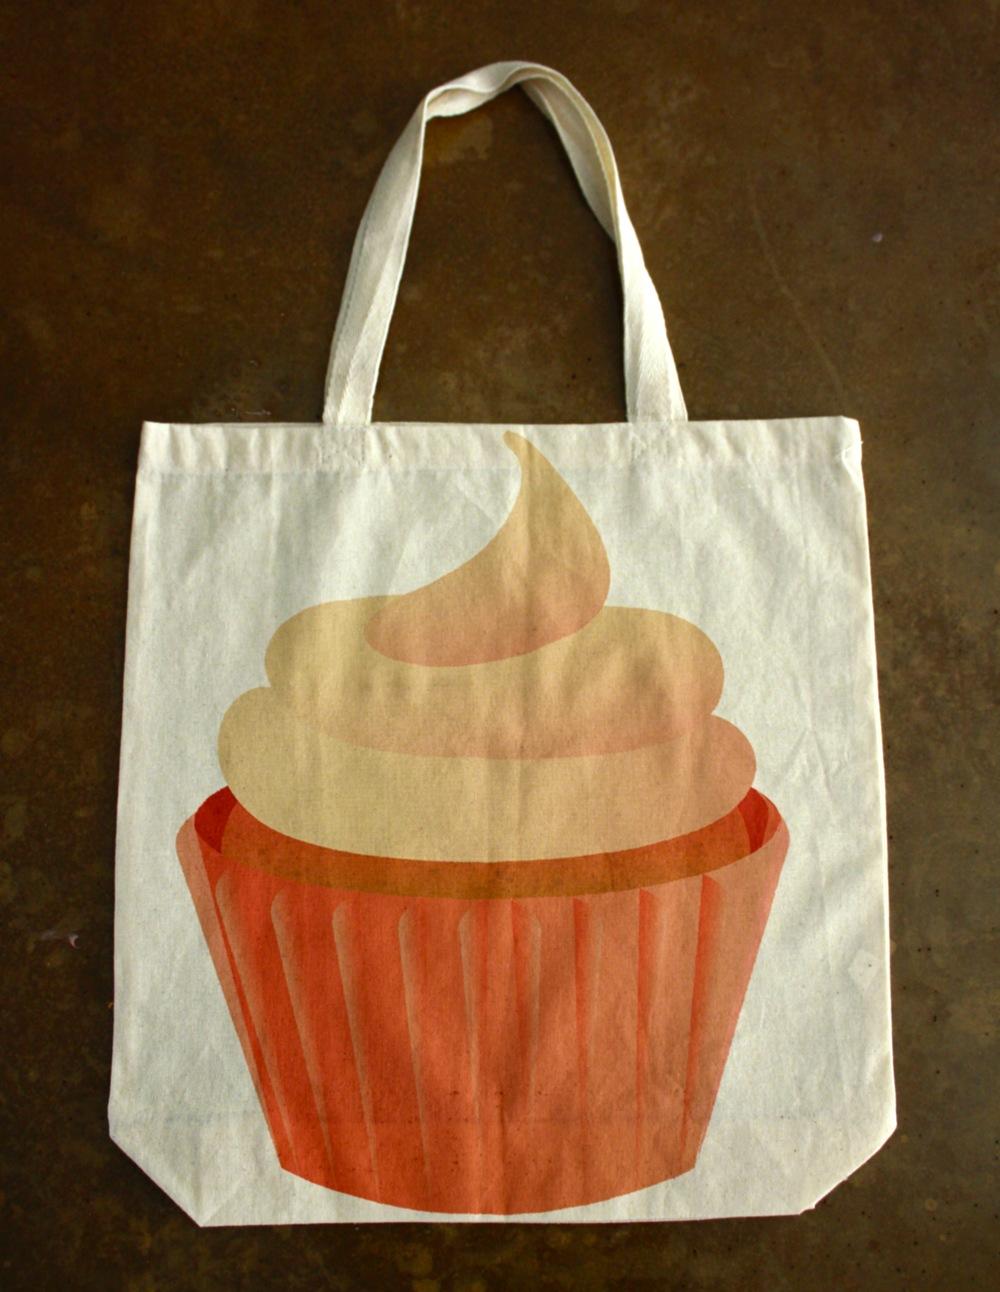 Tote: Cupcake